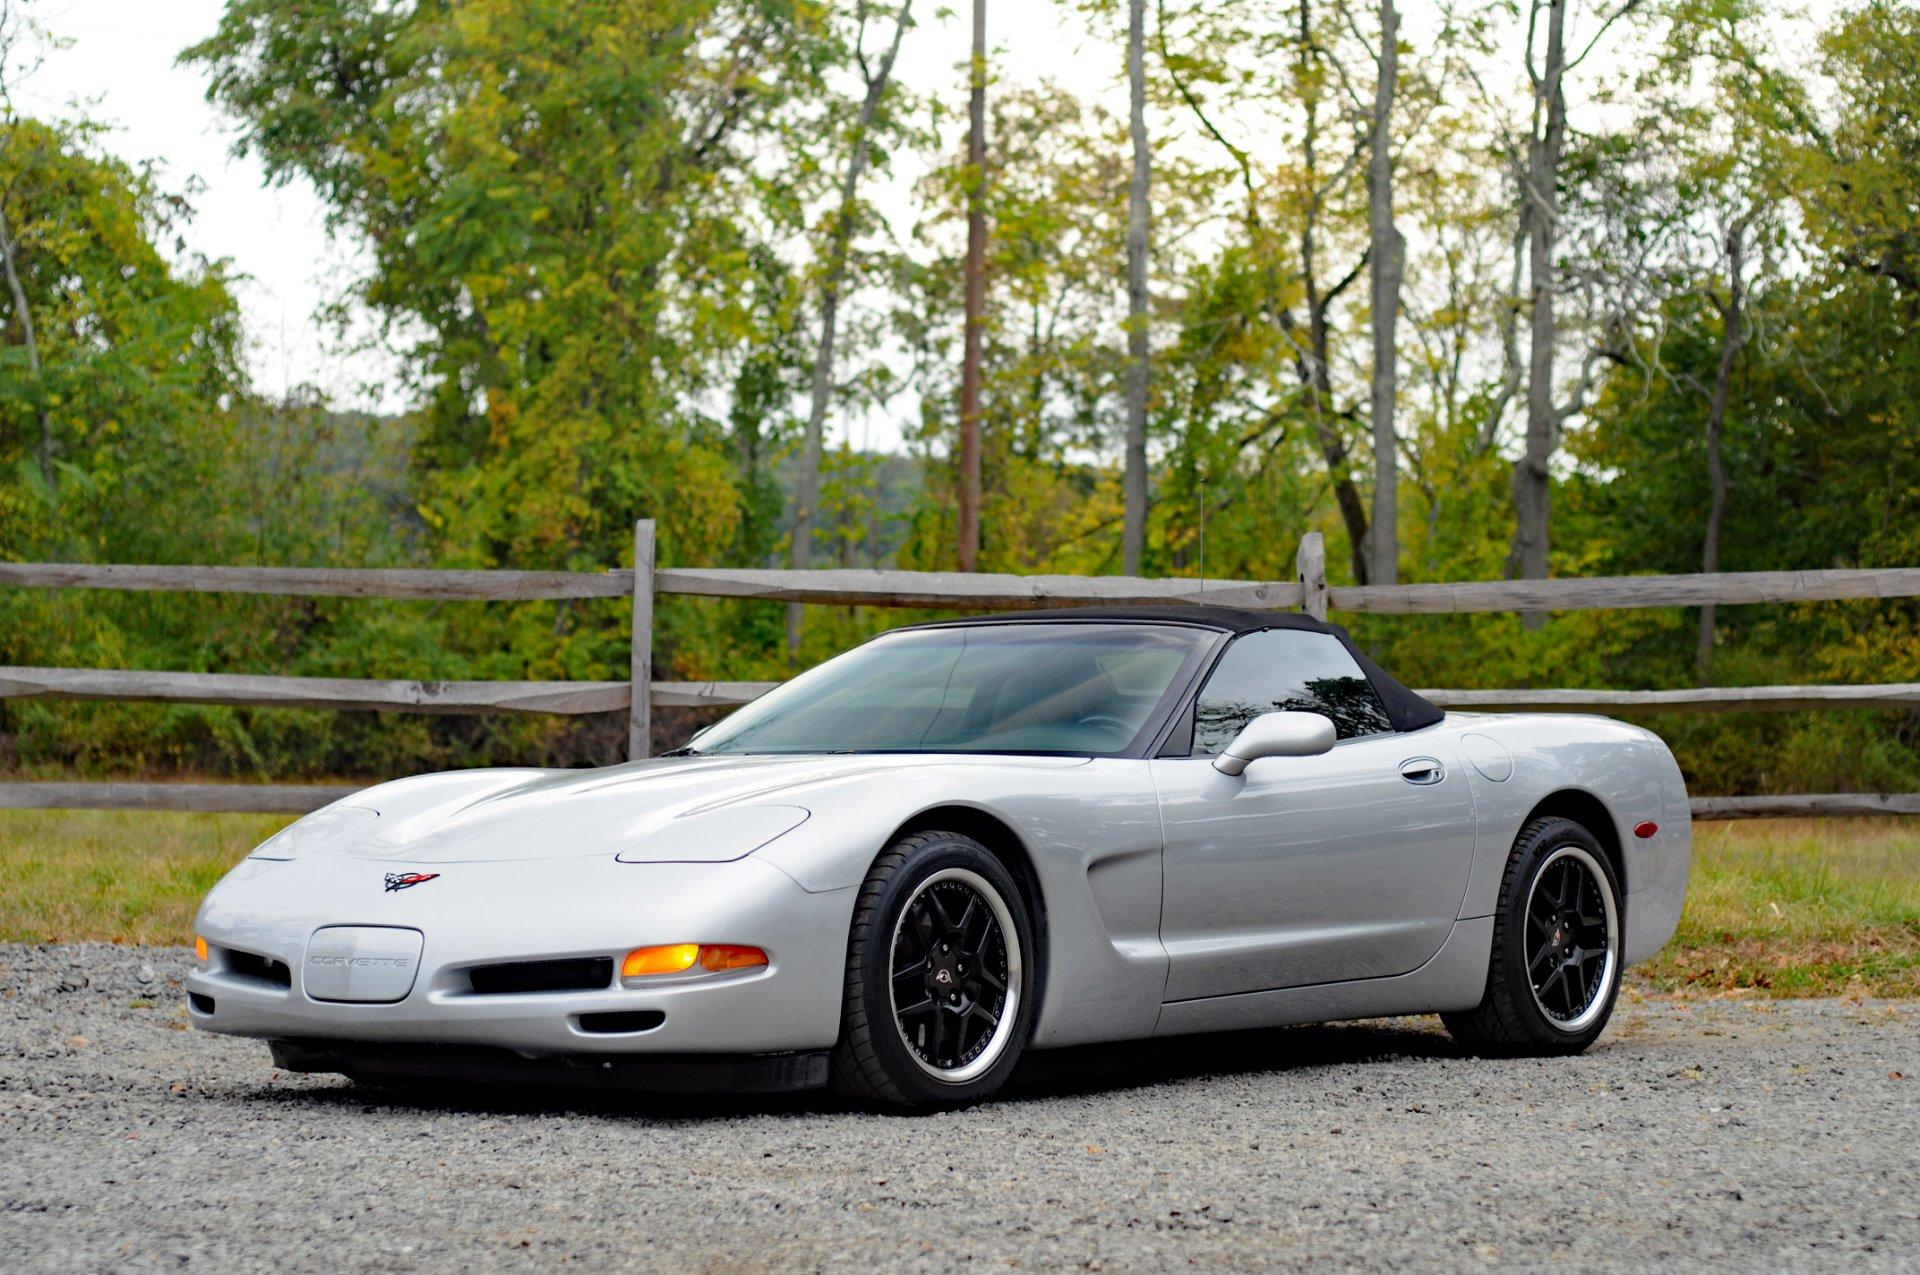 1999 chevrolet corvette stock 2361 for sale near peapack nj nj chevrolet dealer. Black Bedroom Furniture Sets. Home Design Ideas